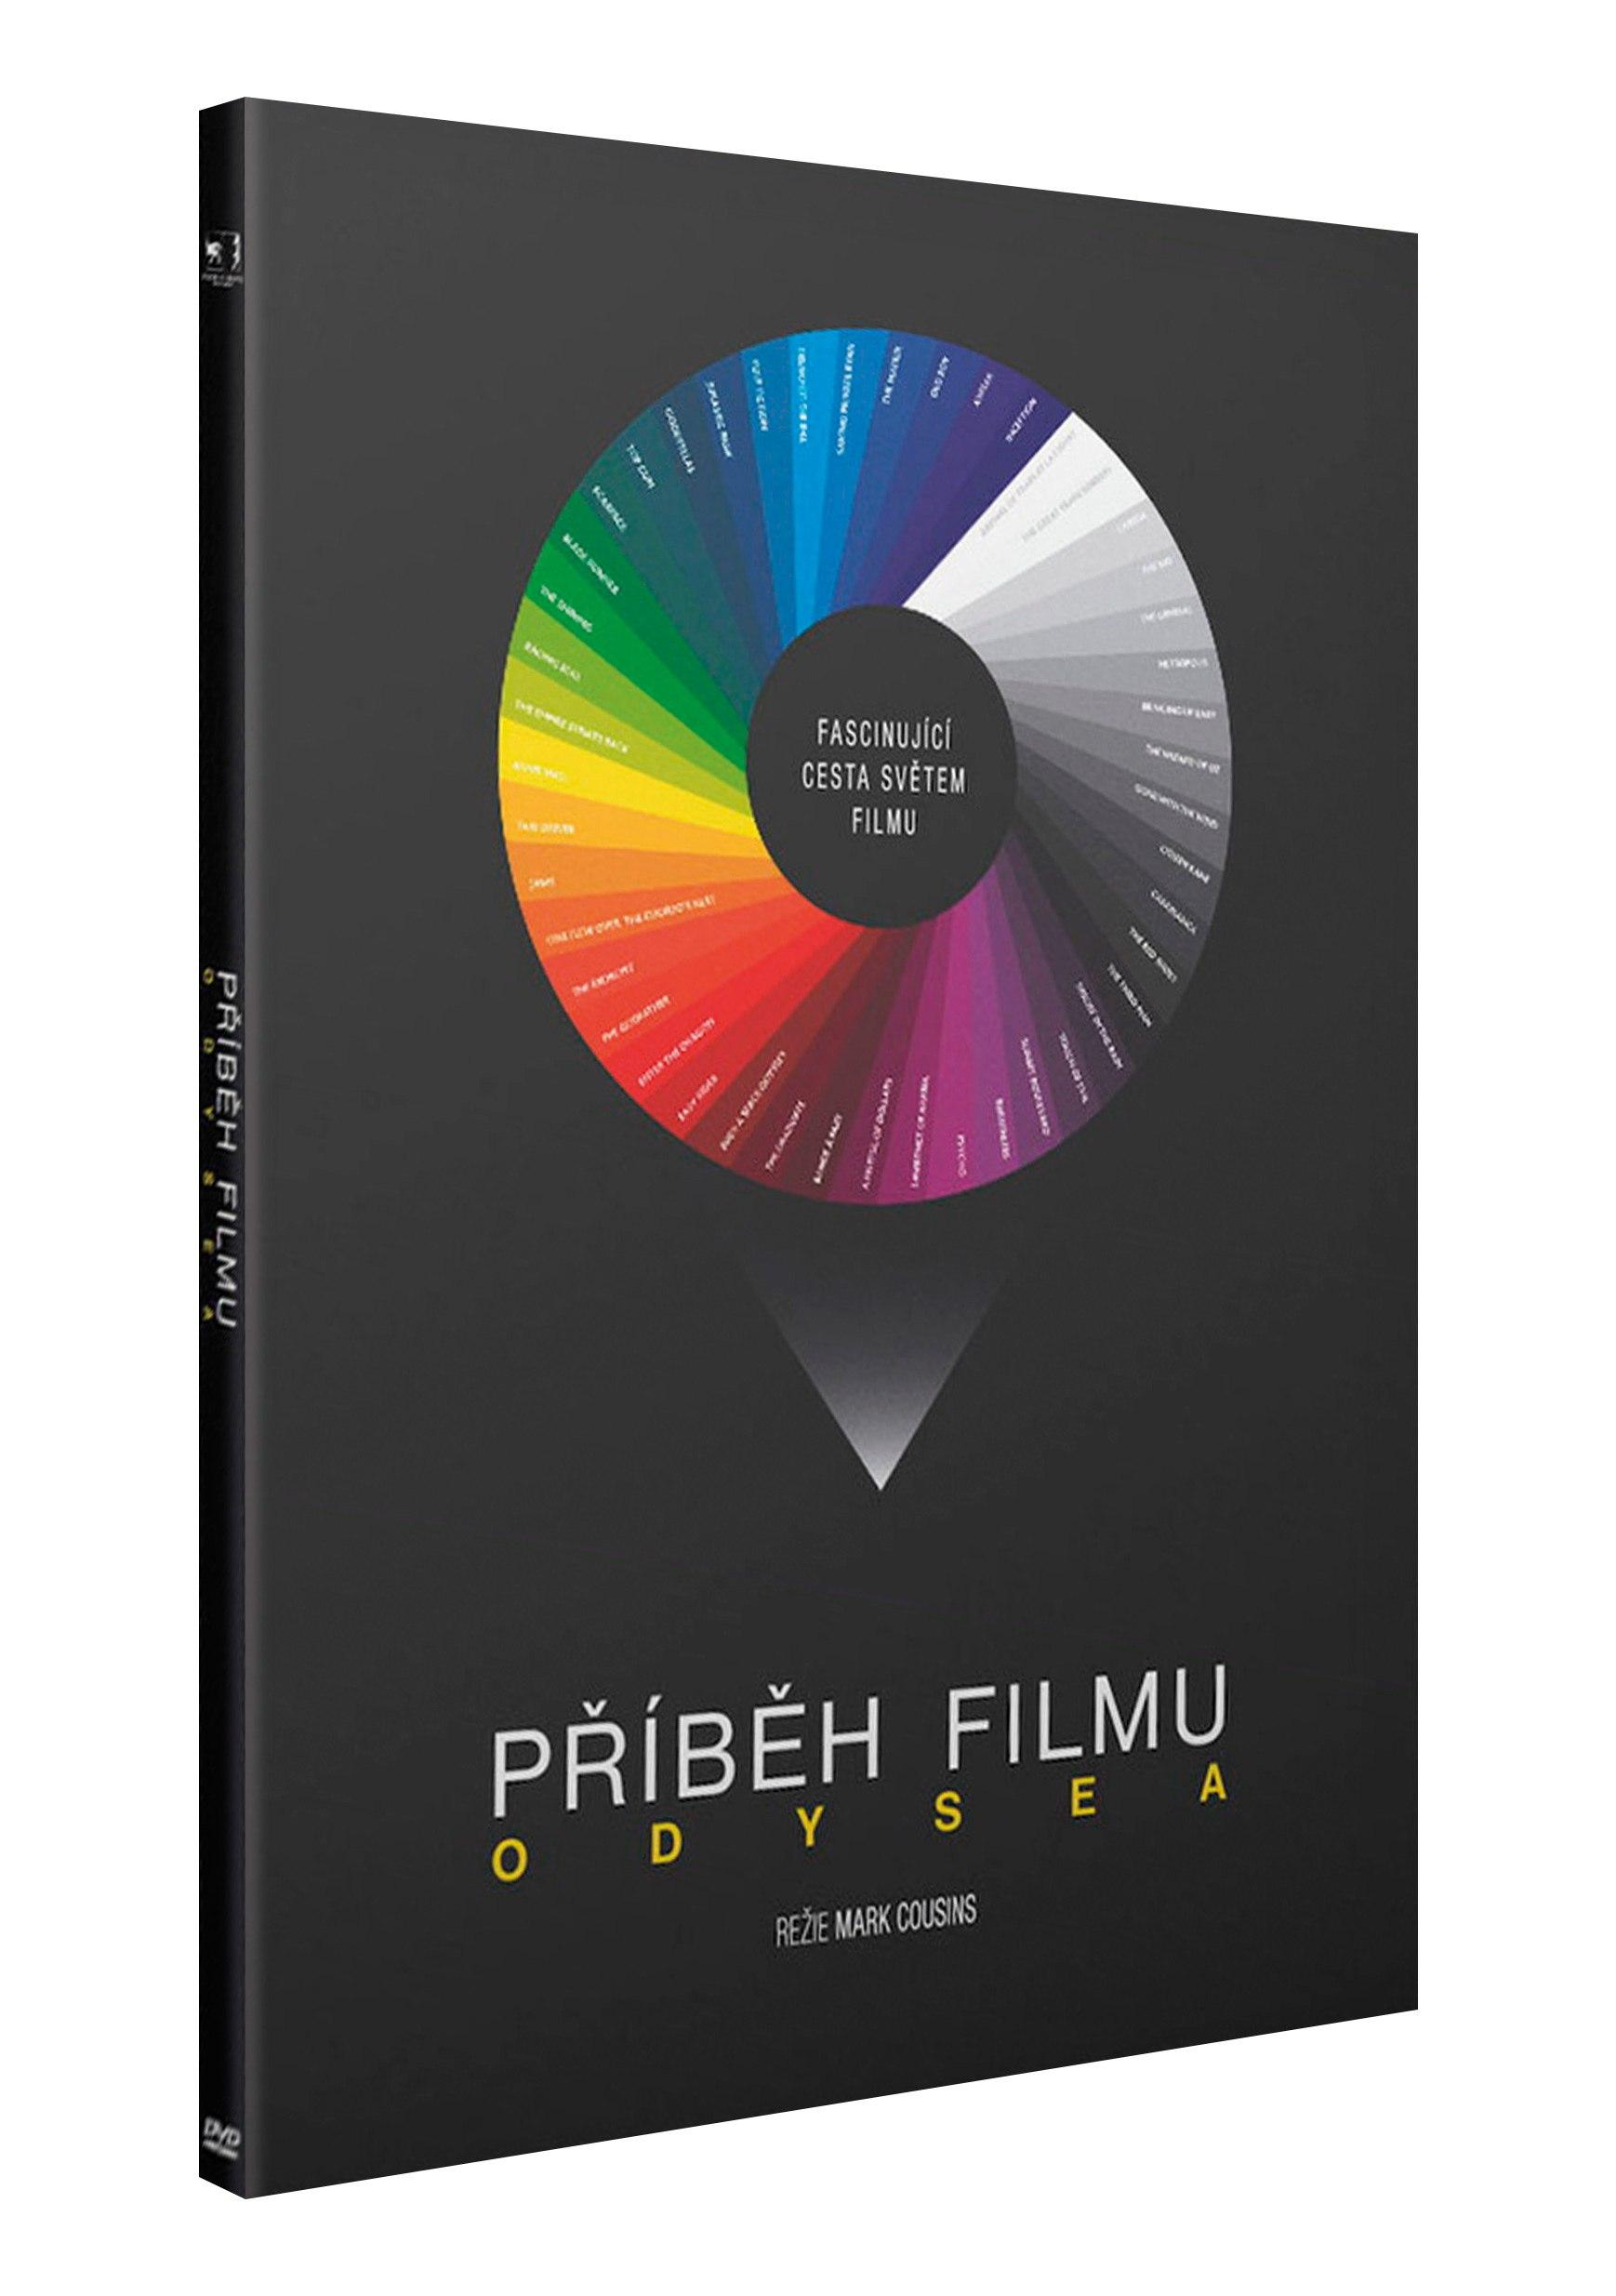 PŘÍBĚH FILMU: ODYSEA - 4 DVD